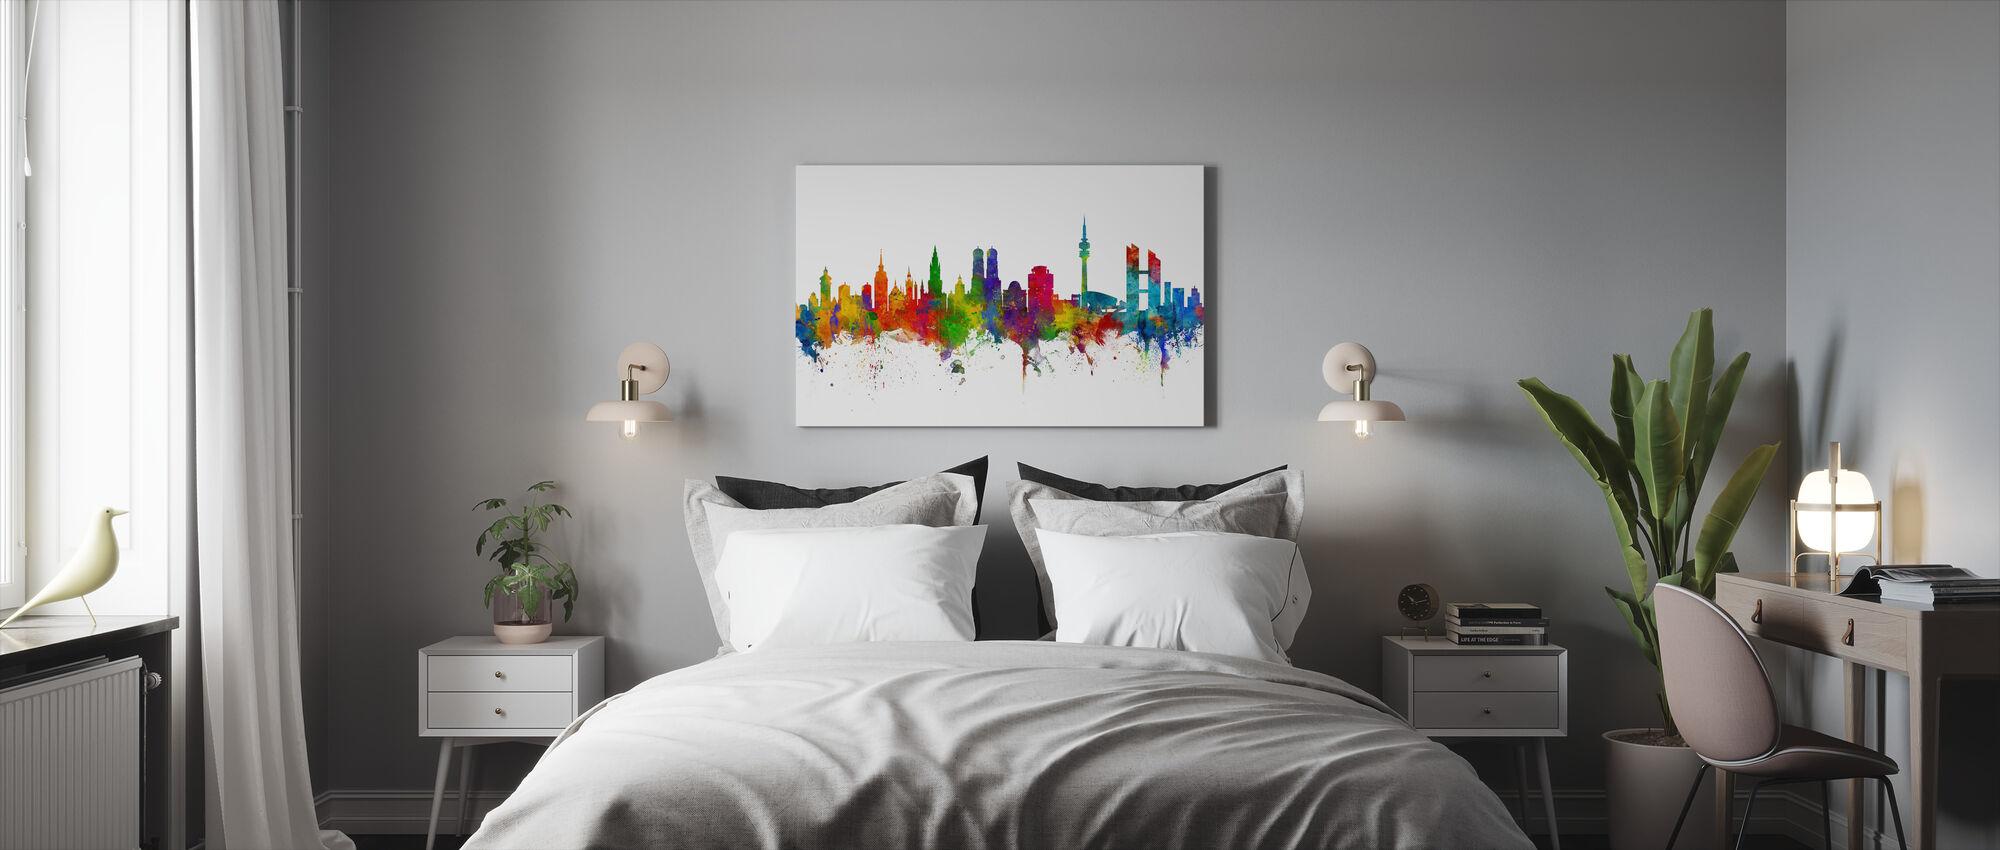 Munich Skyline – Leinwandbild höchster Qualität – Photowall